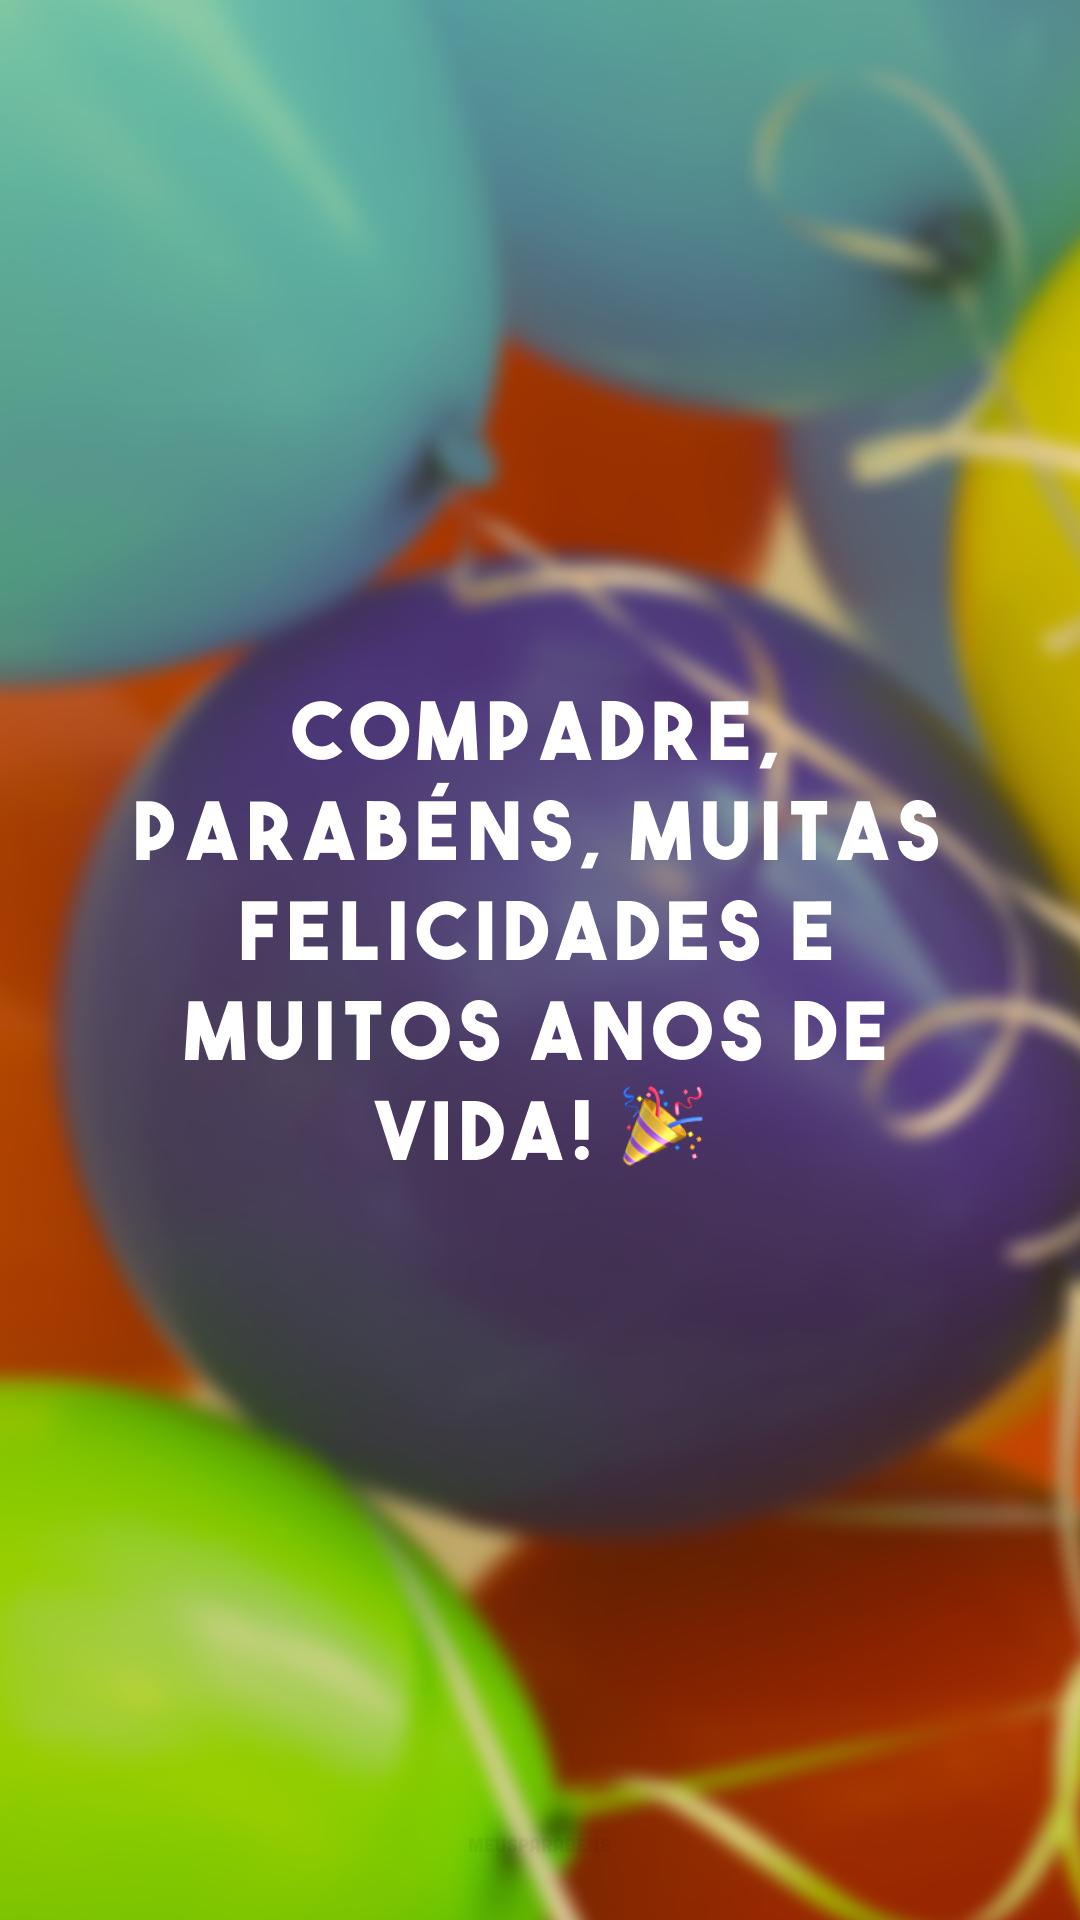 Compadre, parabéns, muitas felicidades e muitos anos de vida! 🎉